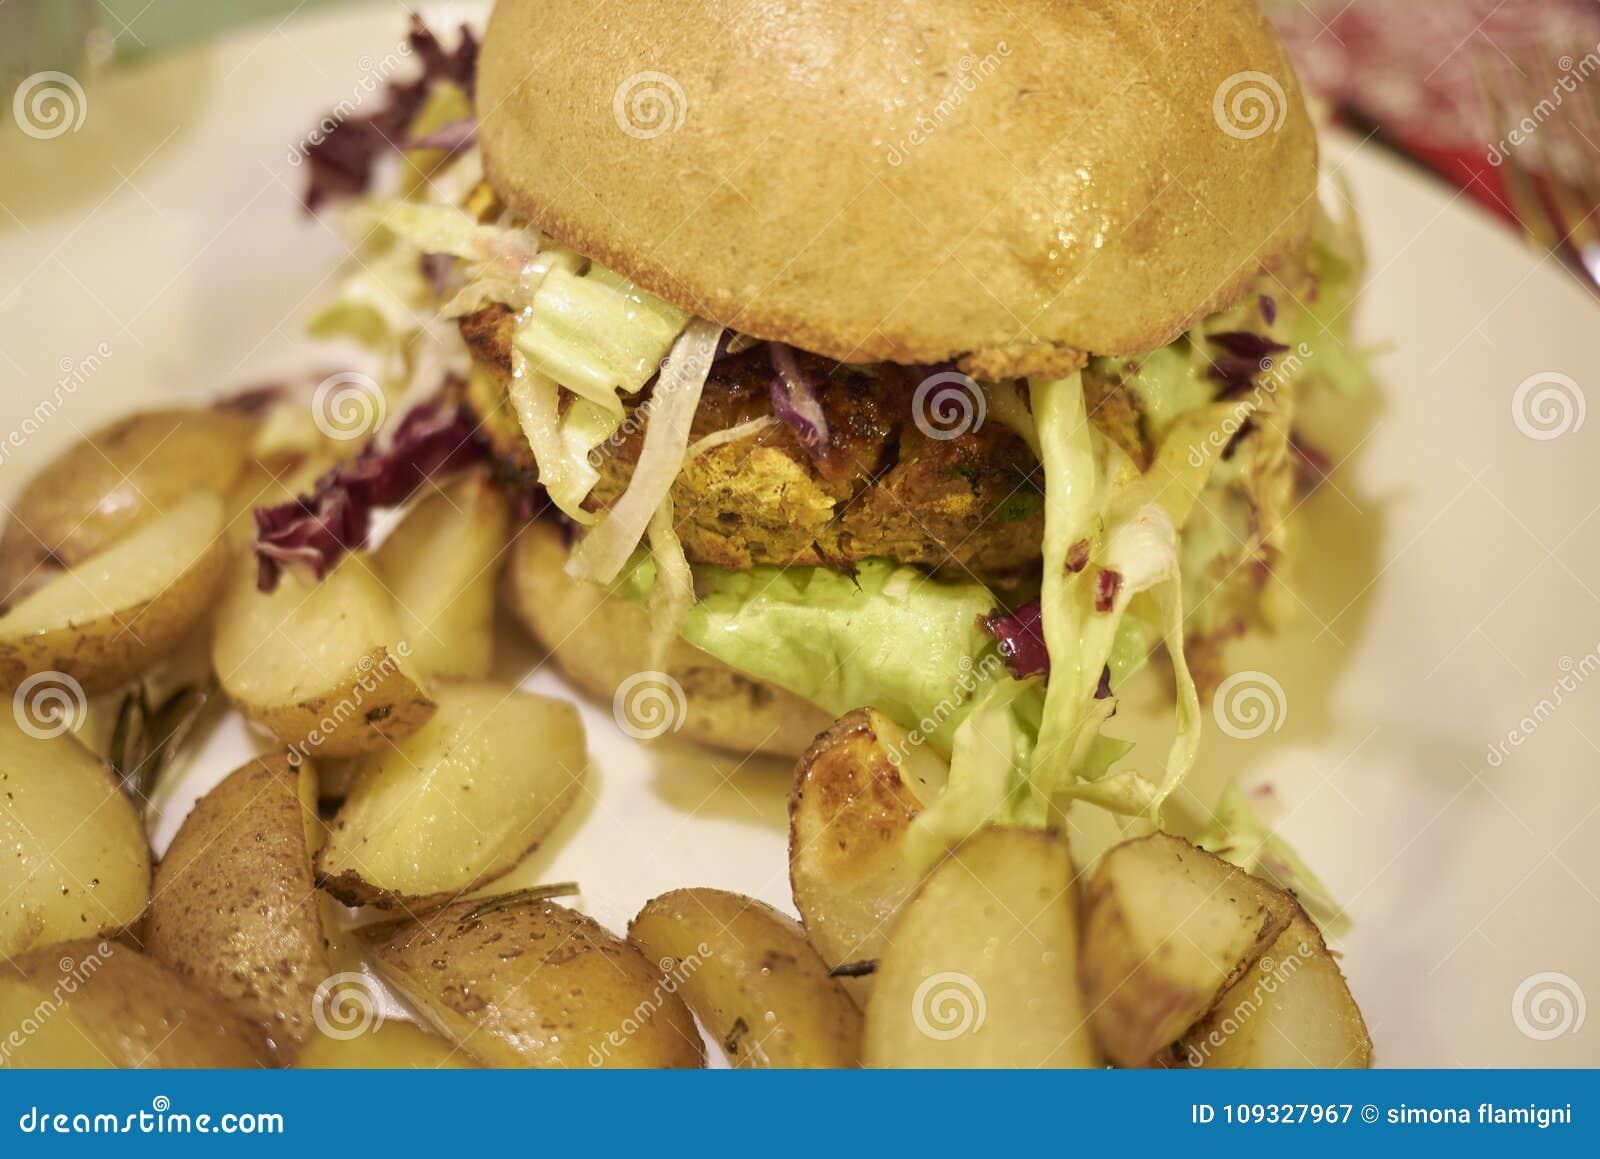 Χορτοφάγο burger με τις ψημένες πατάτες